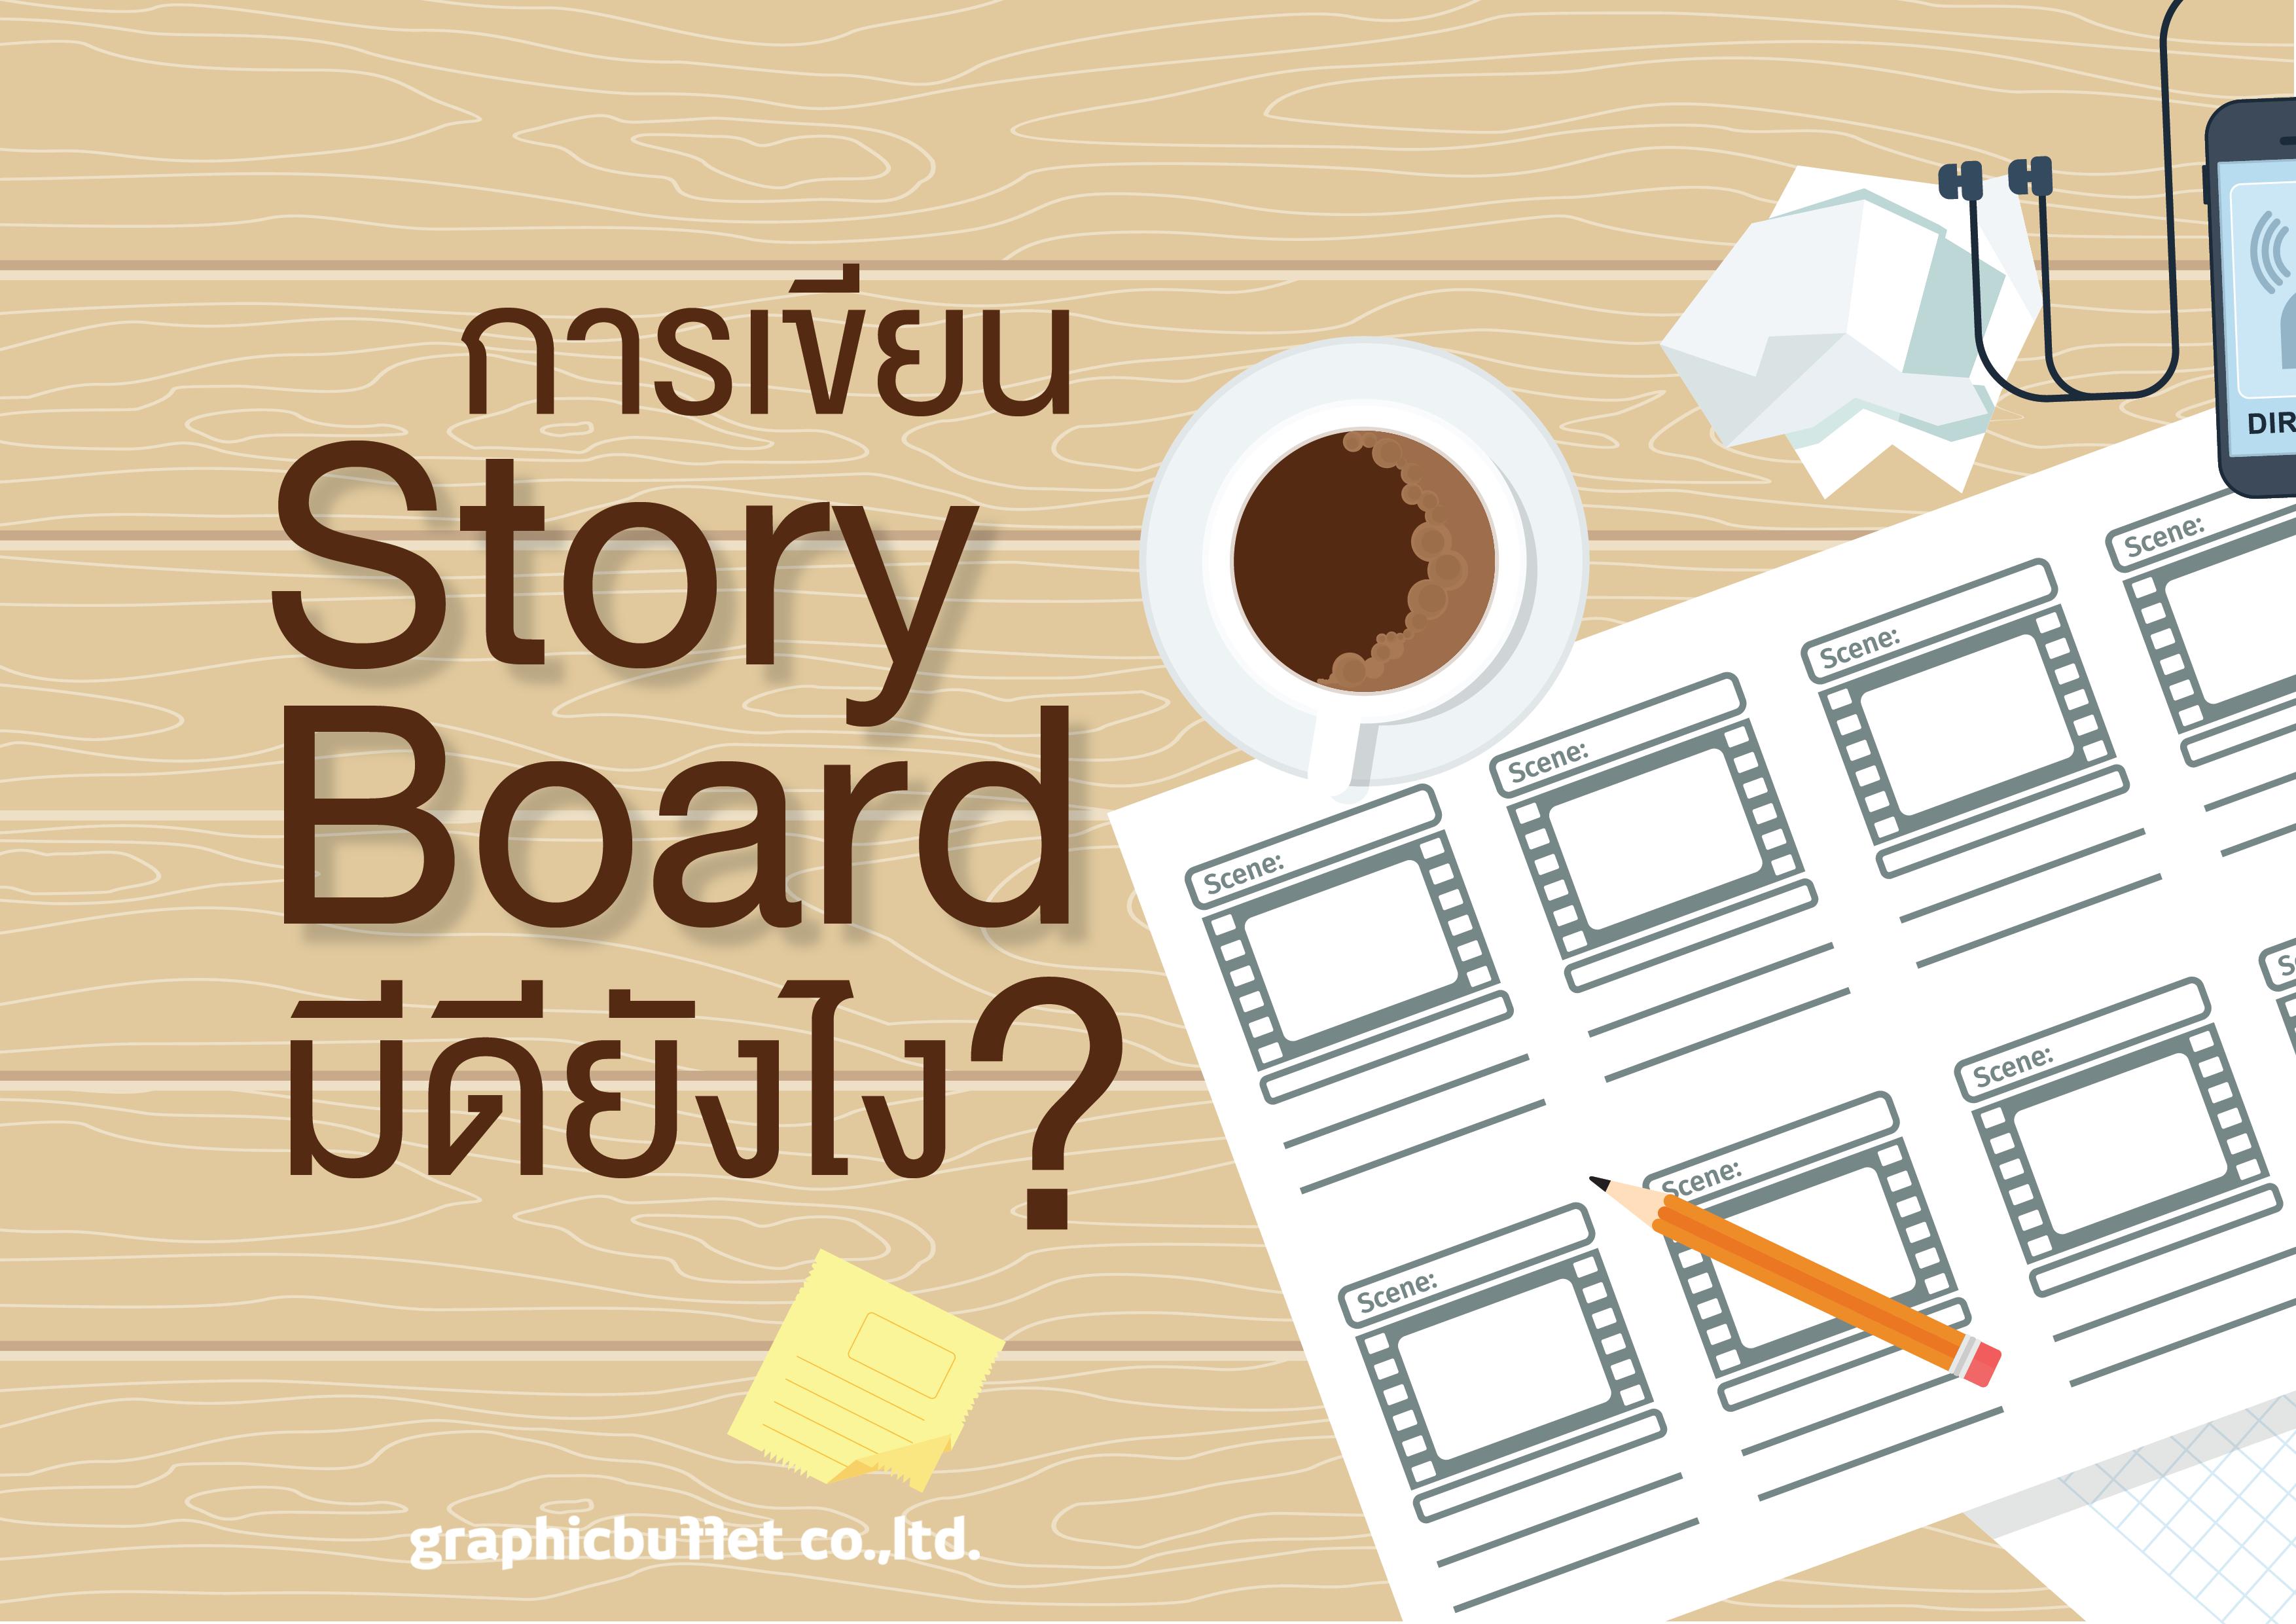 6 01 การเขียน Story Board มีดียังไง?